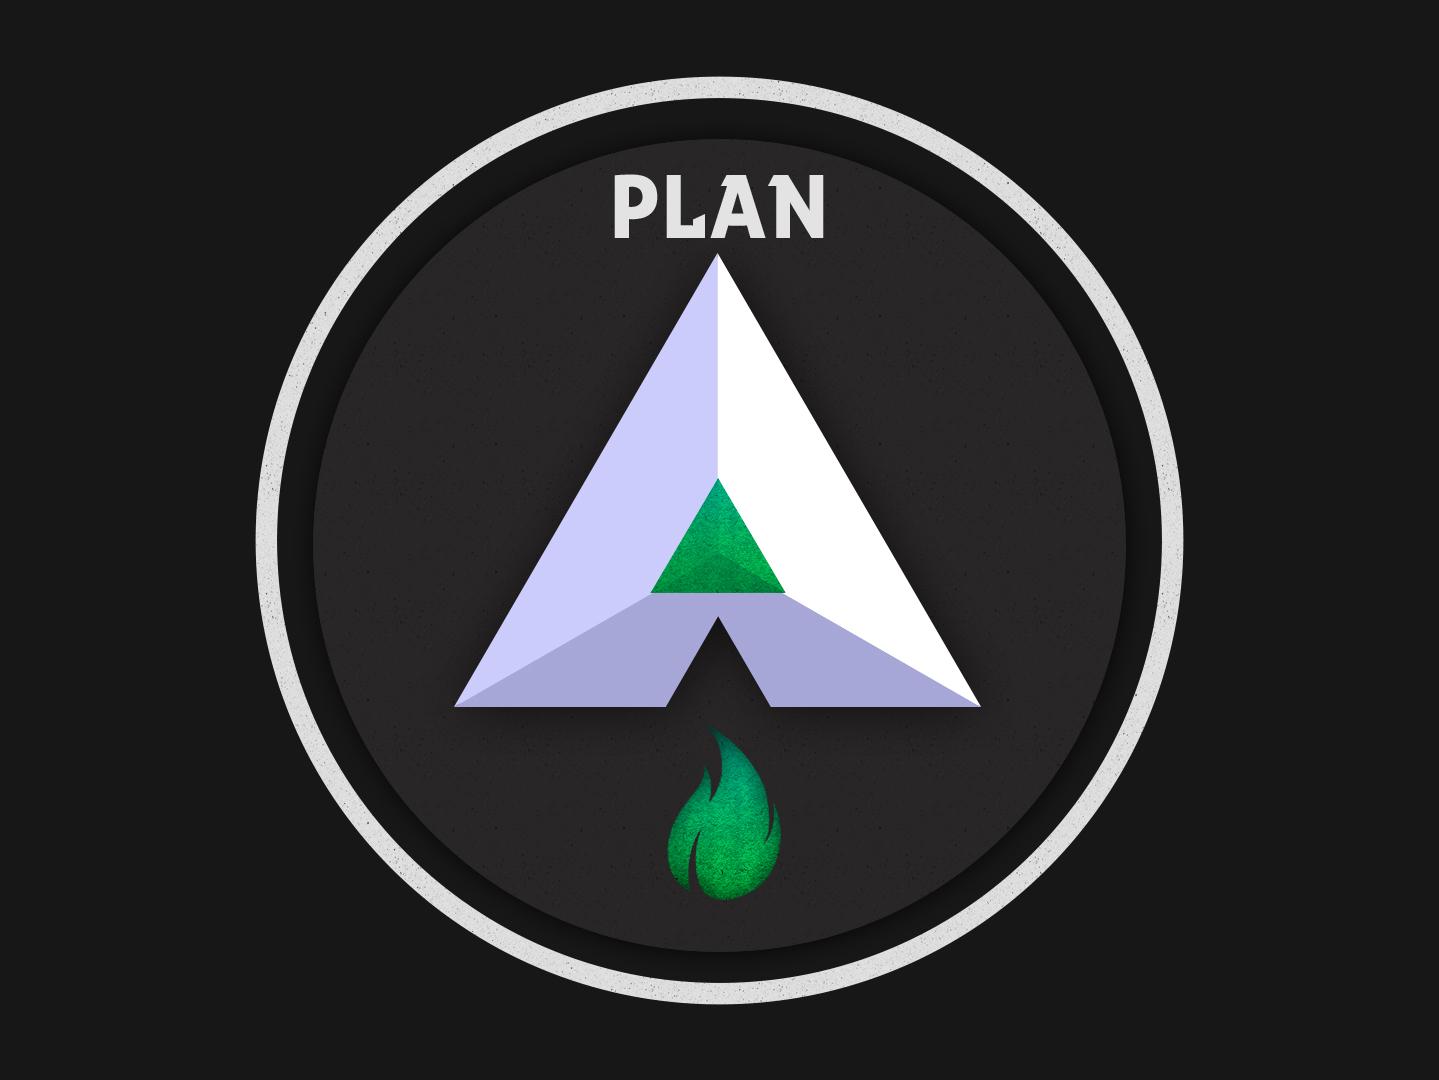 Plan A - [Esmeralda] emerald esmeralda plan logo fuego fire letra letter a